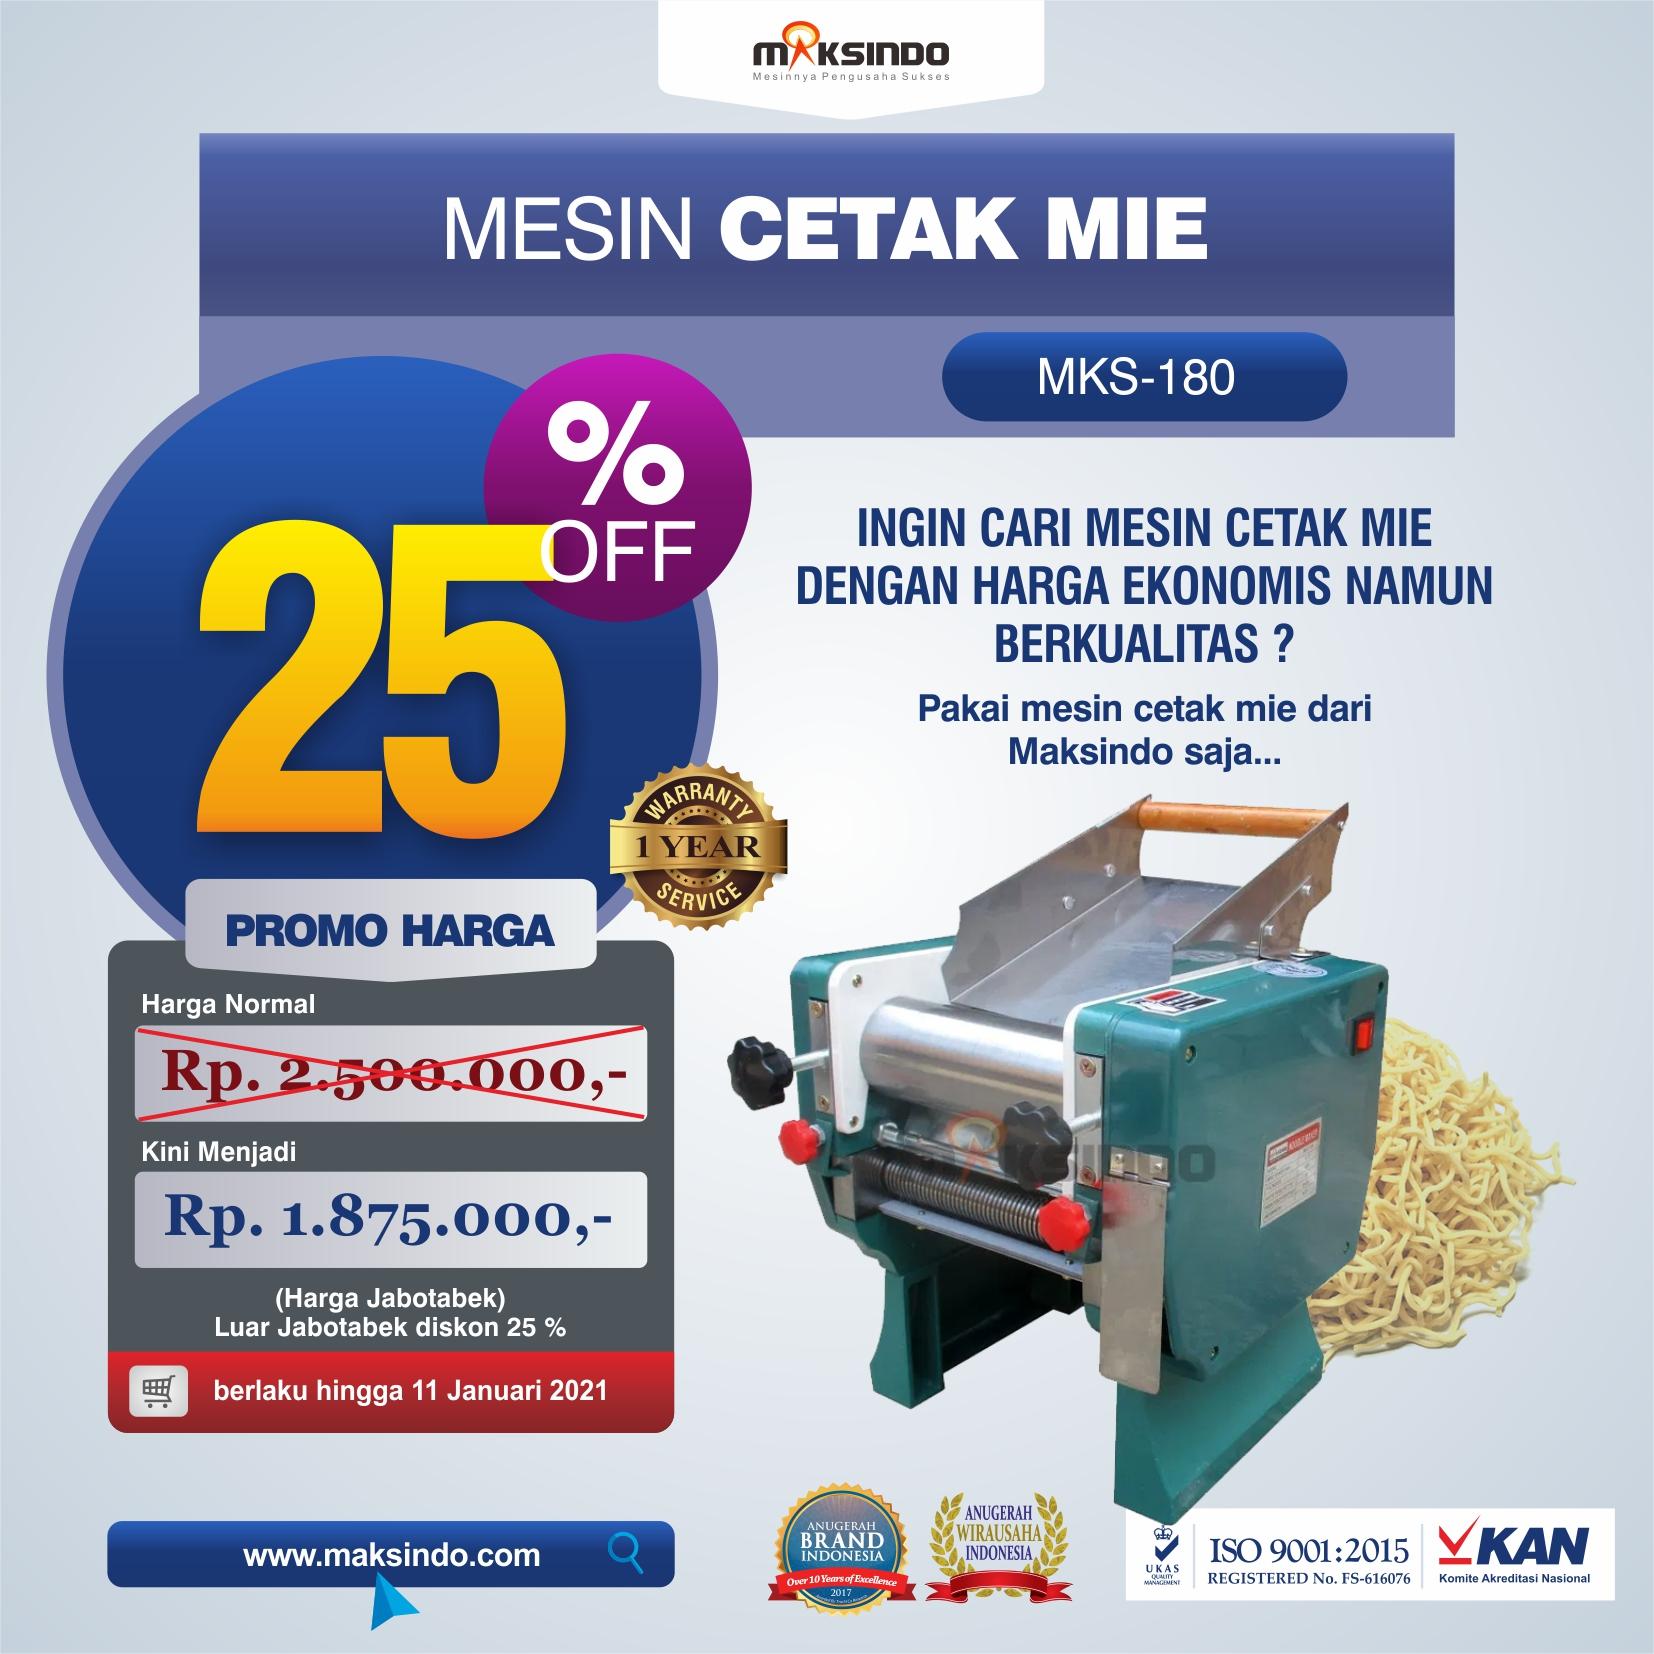 Jual Mesin Cetak Mie (MKS-180) di Medan